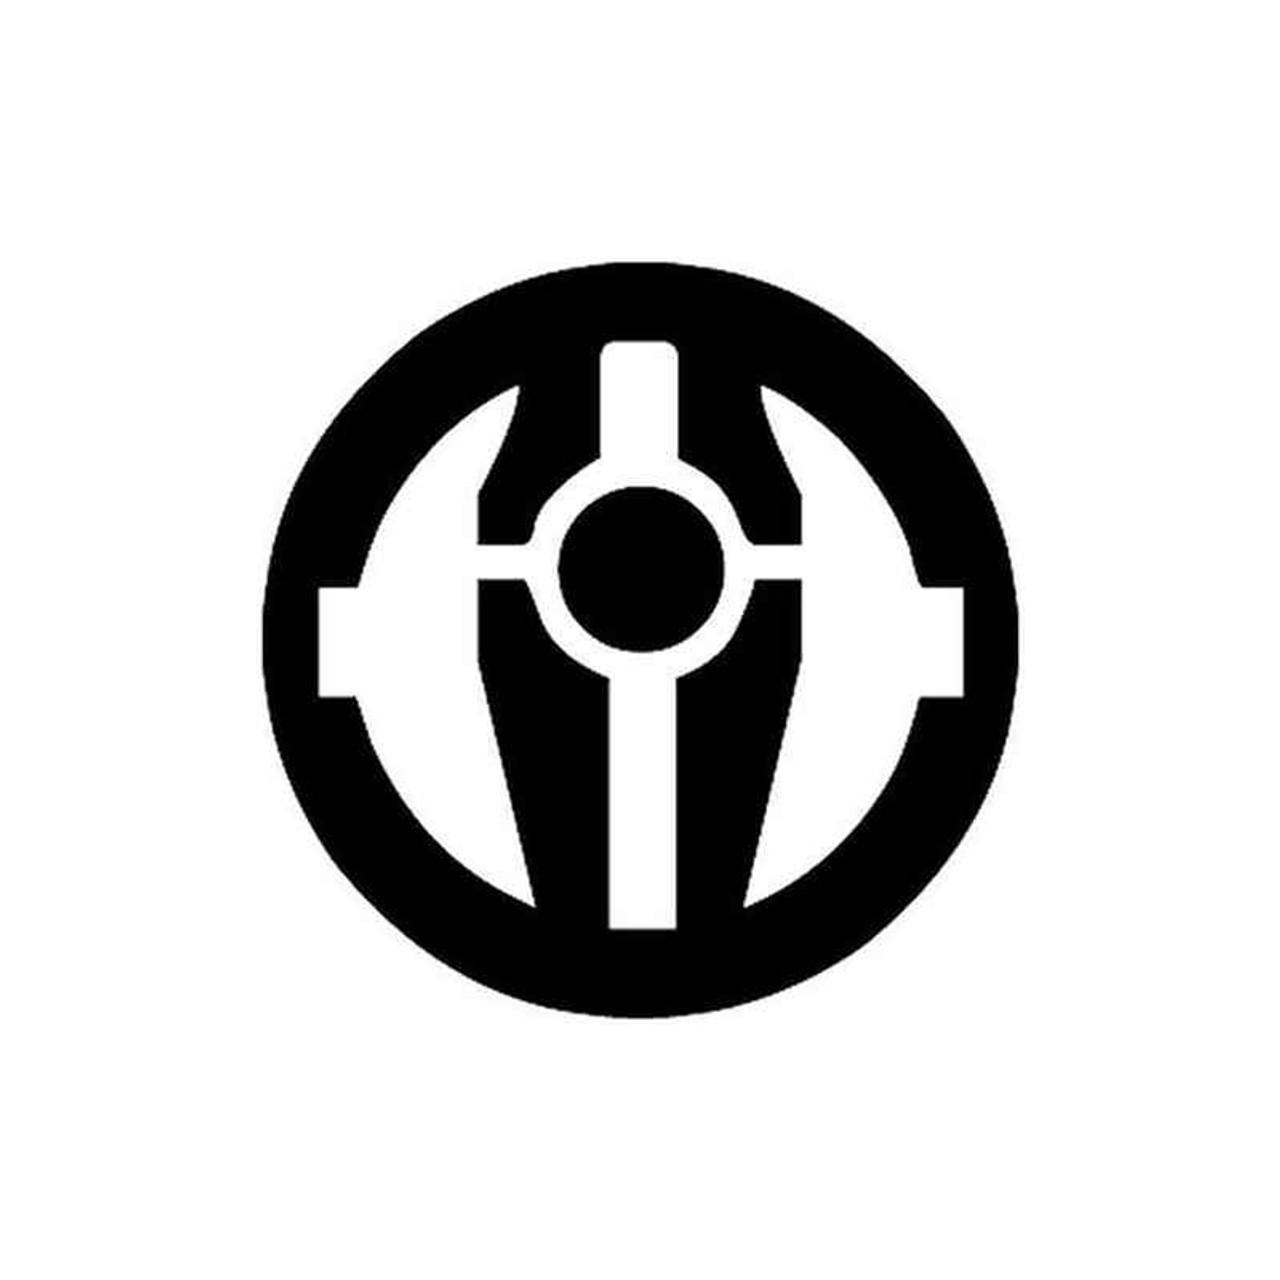 Star Wars Sith Empire 28 Vinyl Sticker